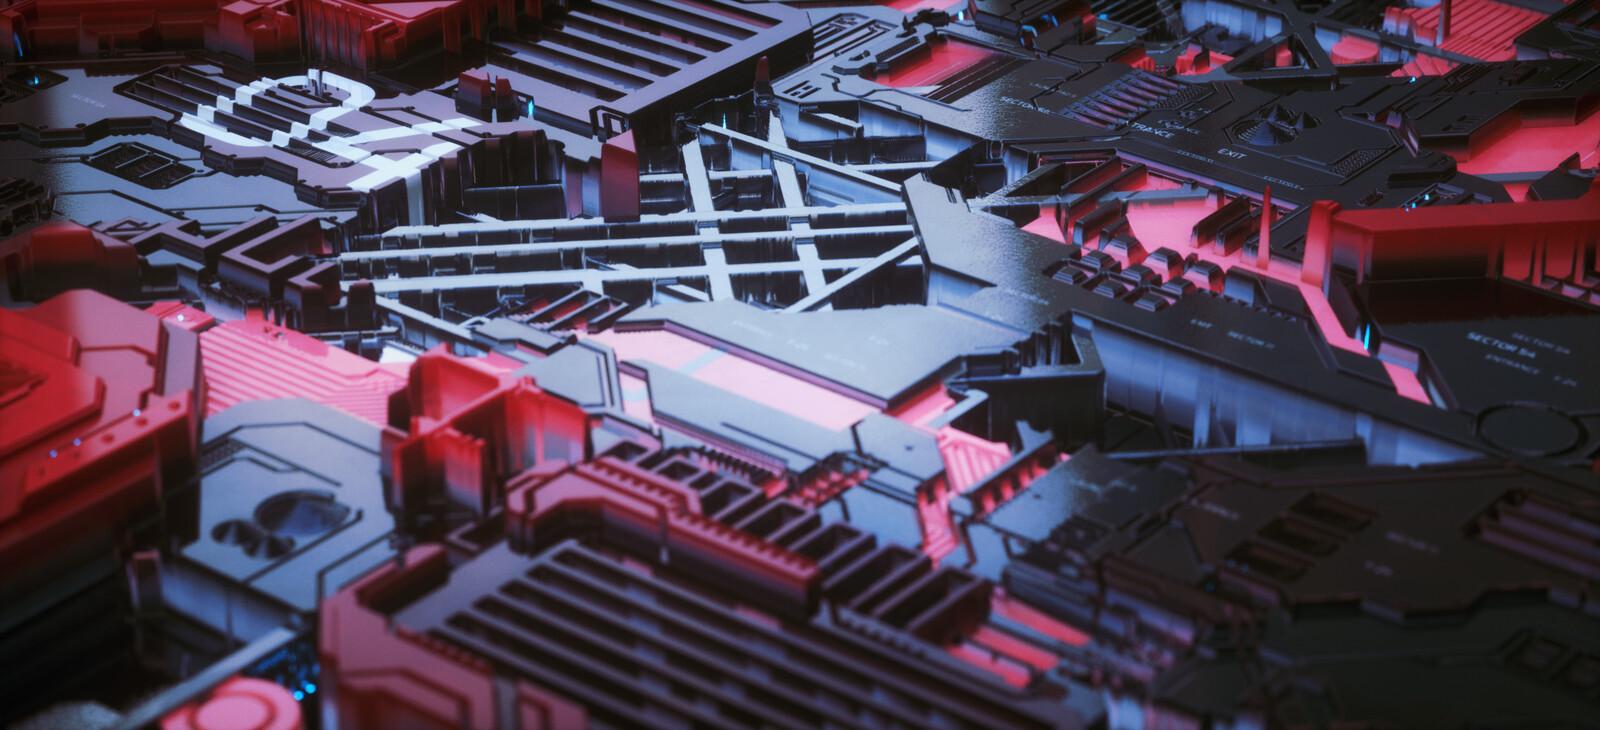 Sci-fi Panels // Octane // Cinema 4D